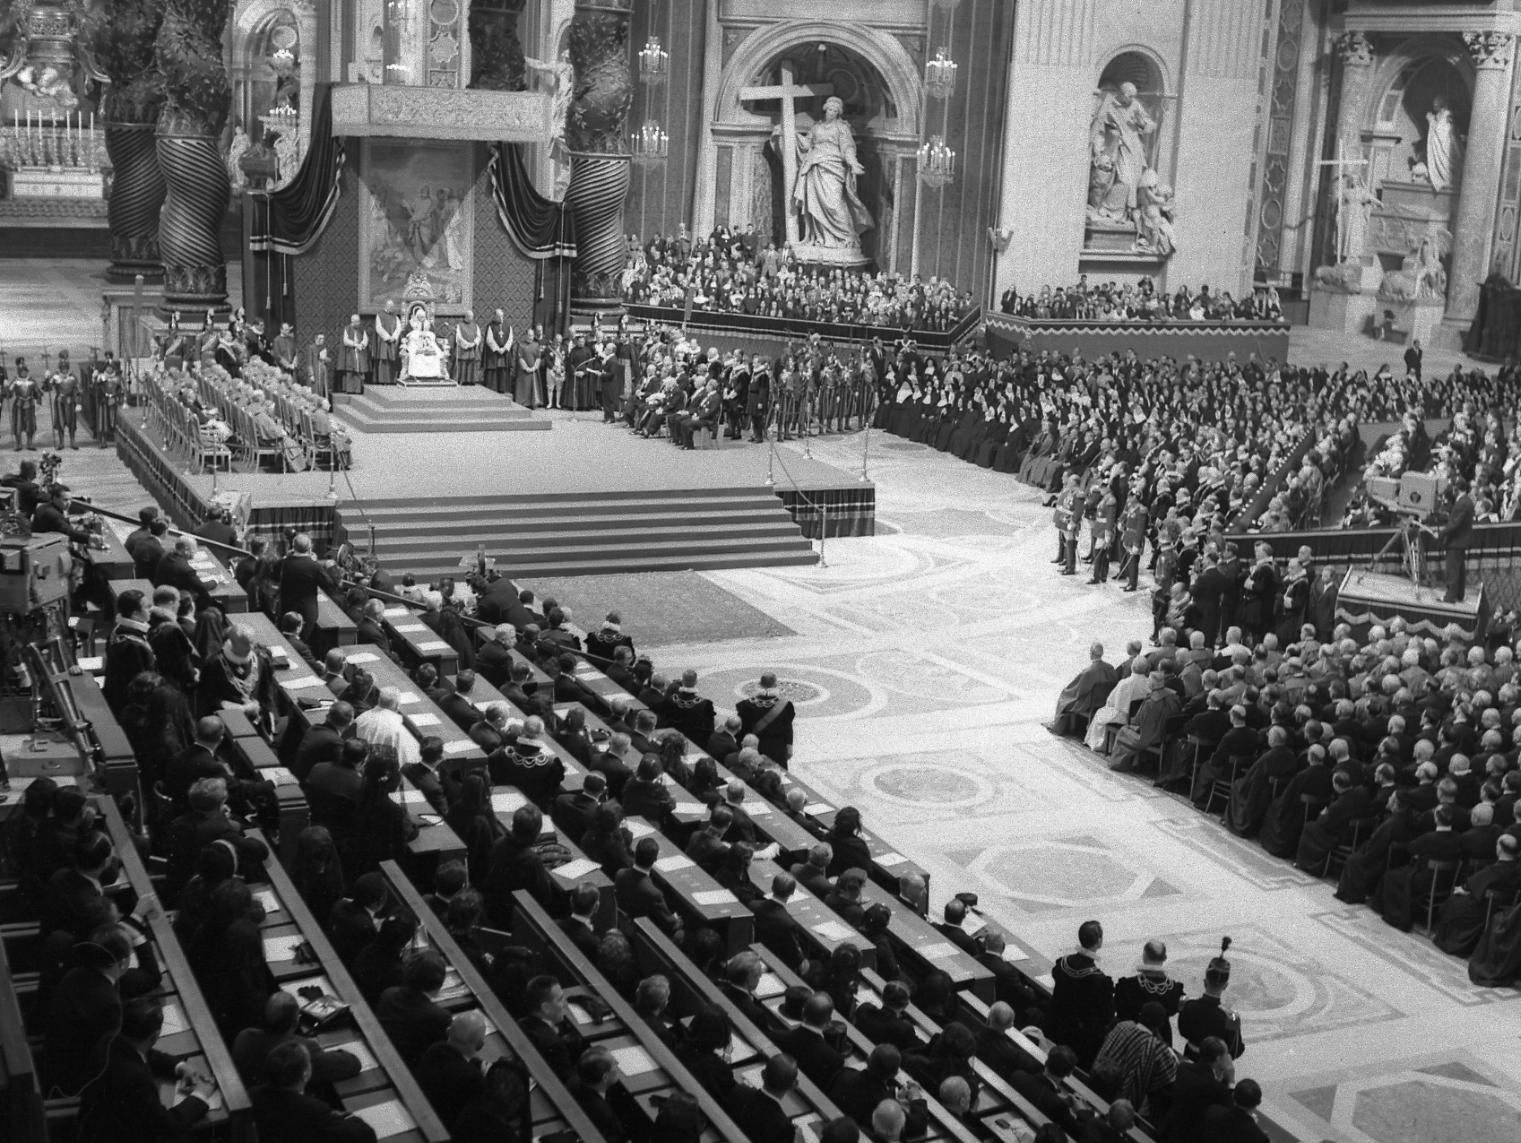 De dónde viene la Propuesta Teológica de que la Iglesia Acoja la Moral del Mundo